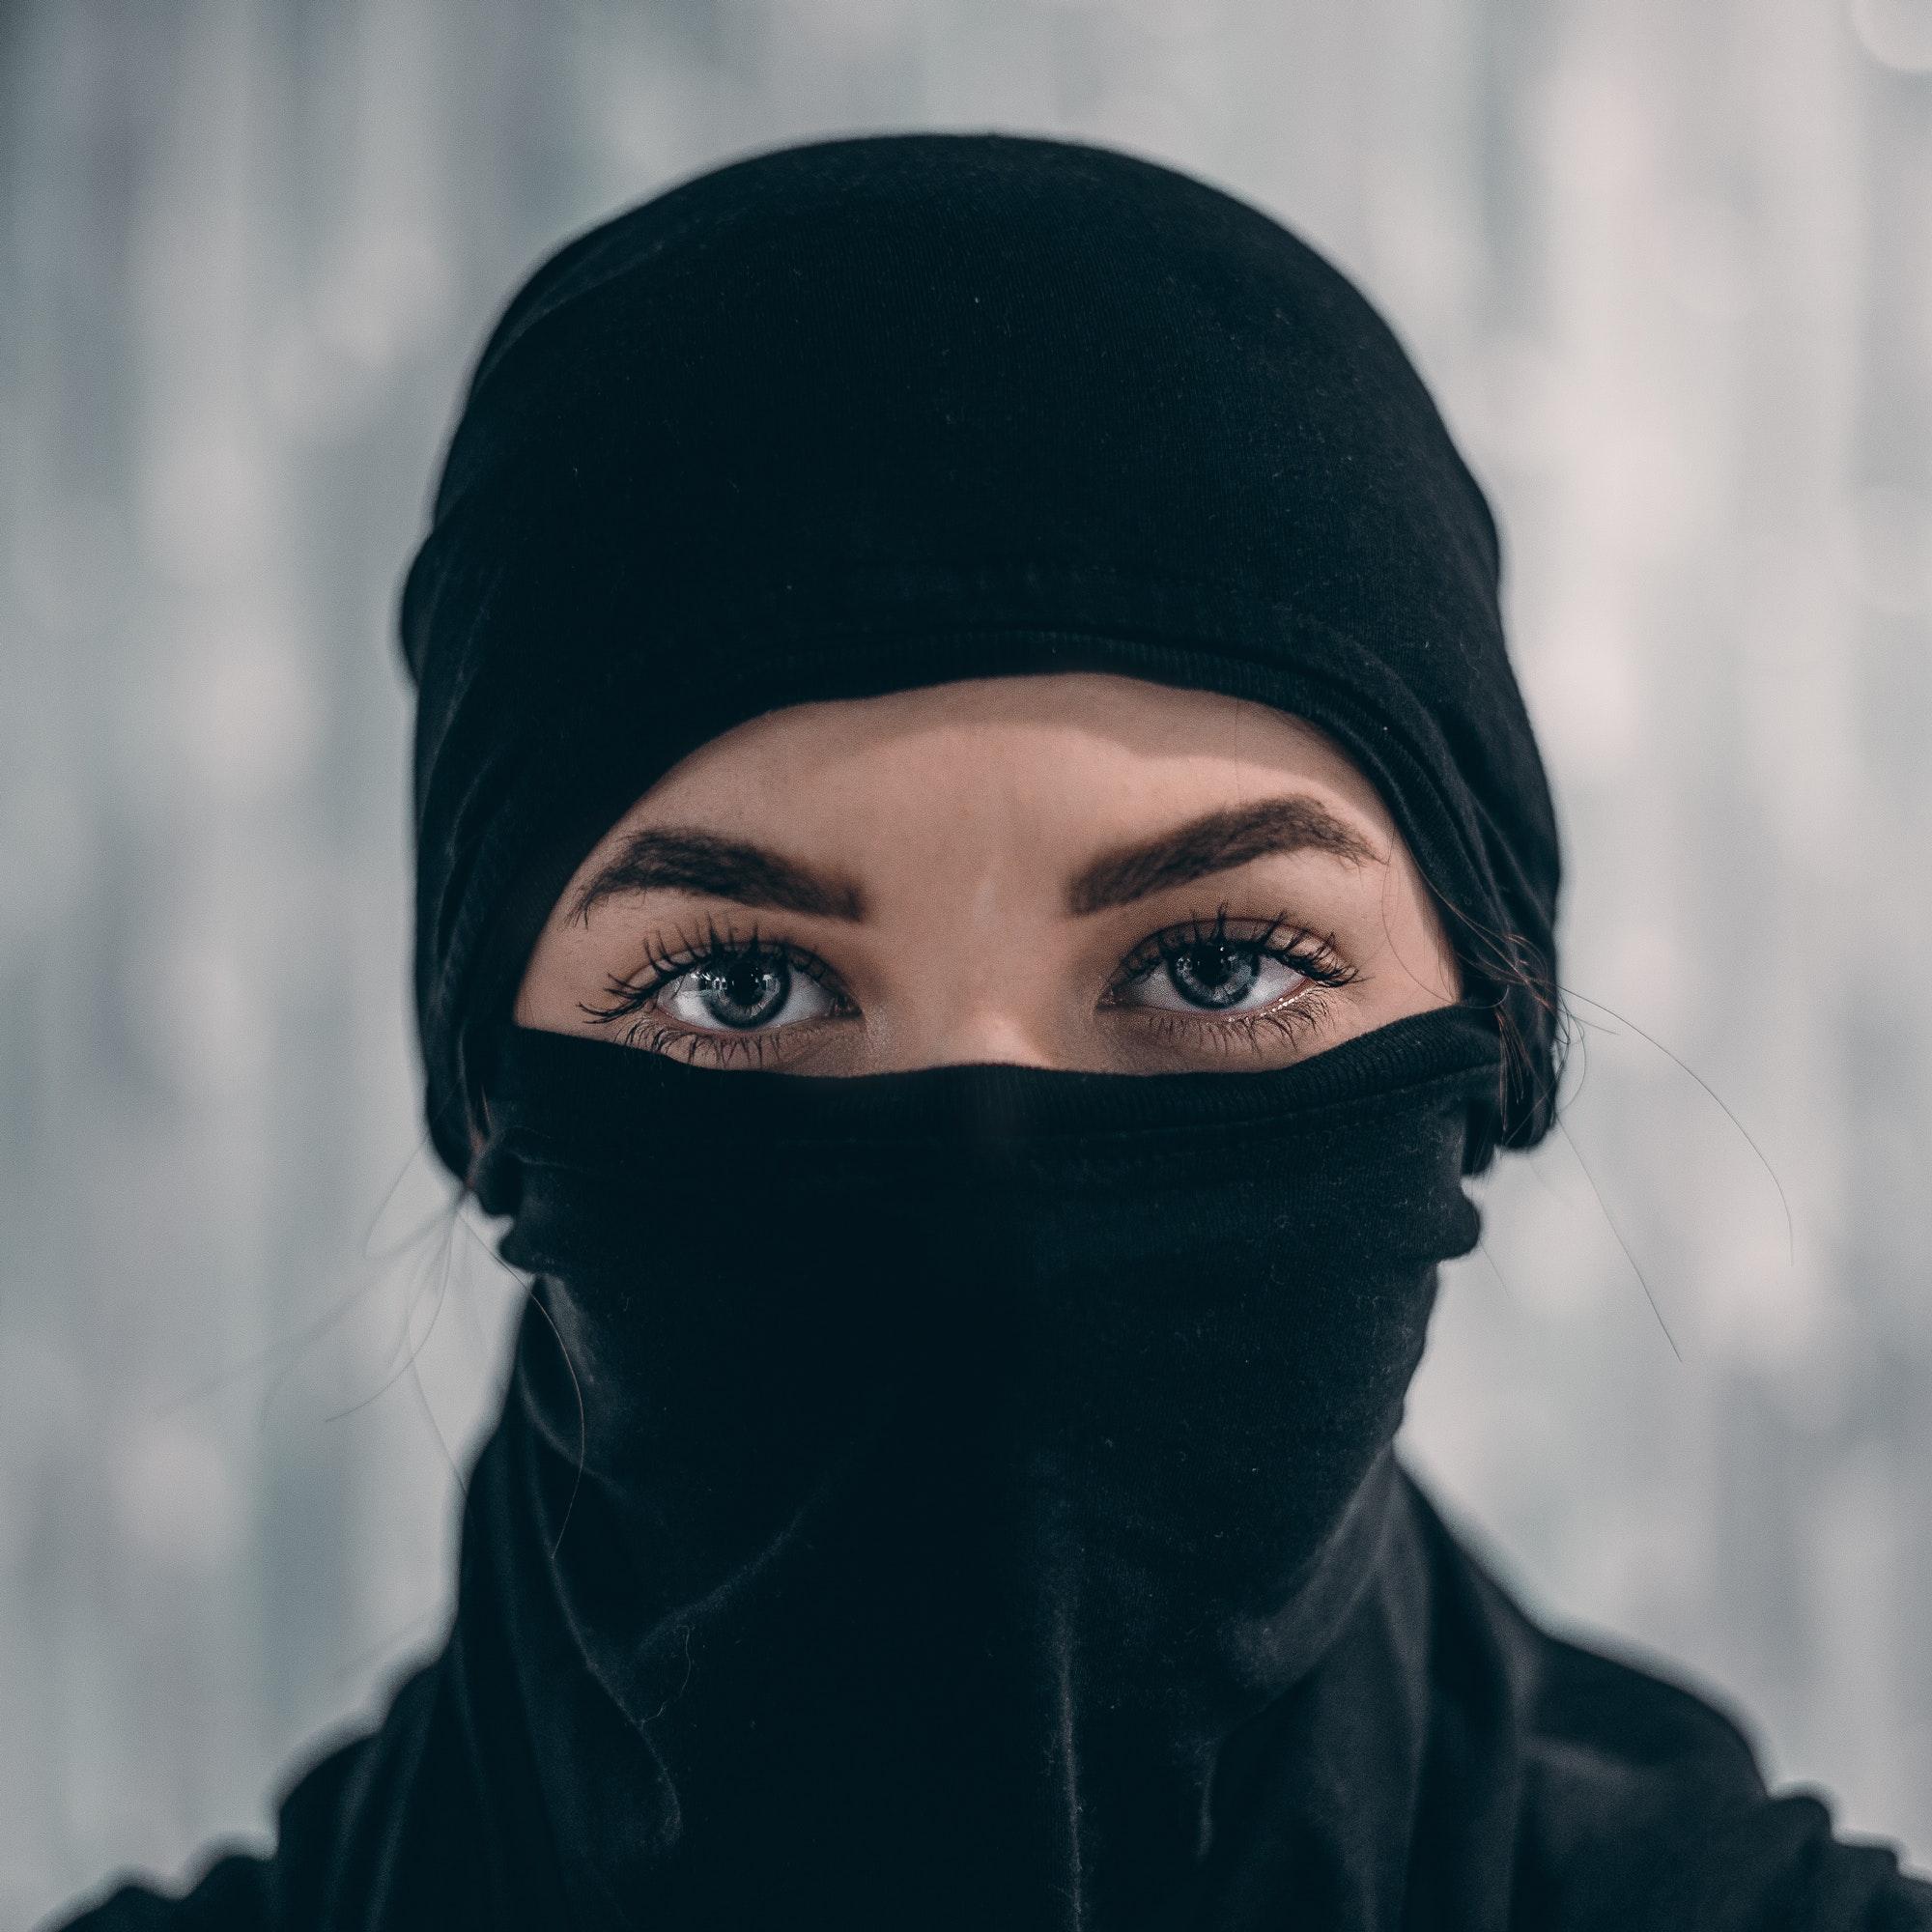 Kopftuchverbot – Benachteiligung wegen der Religion